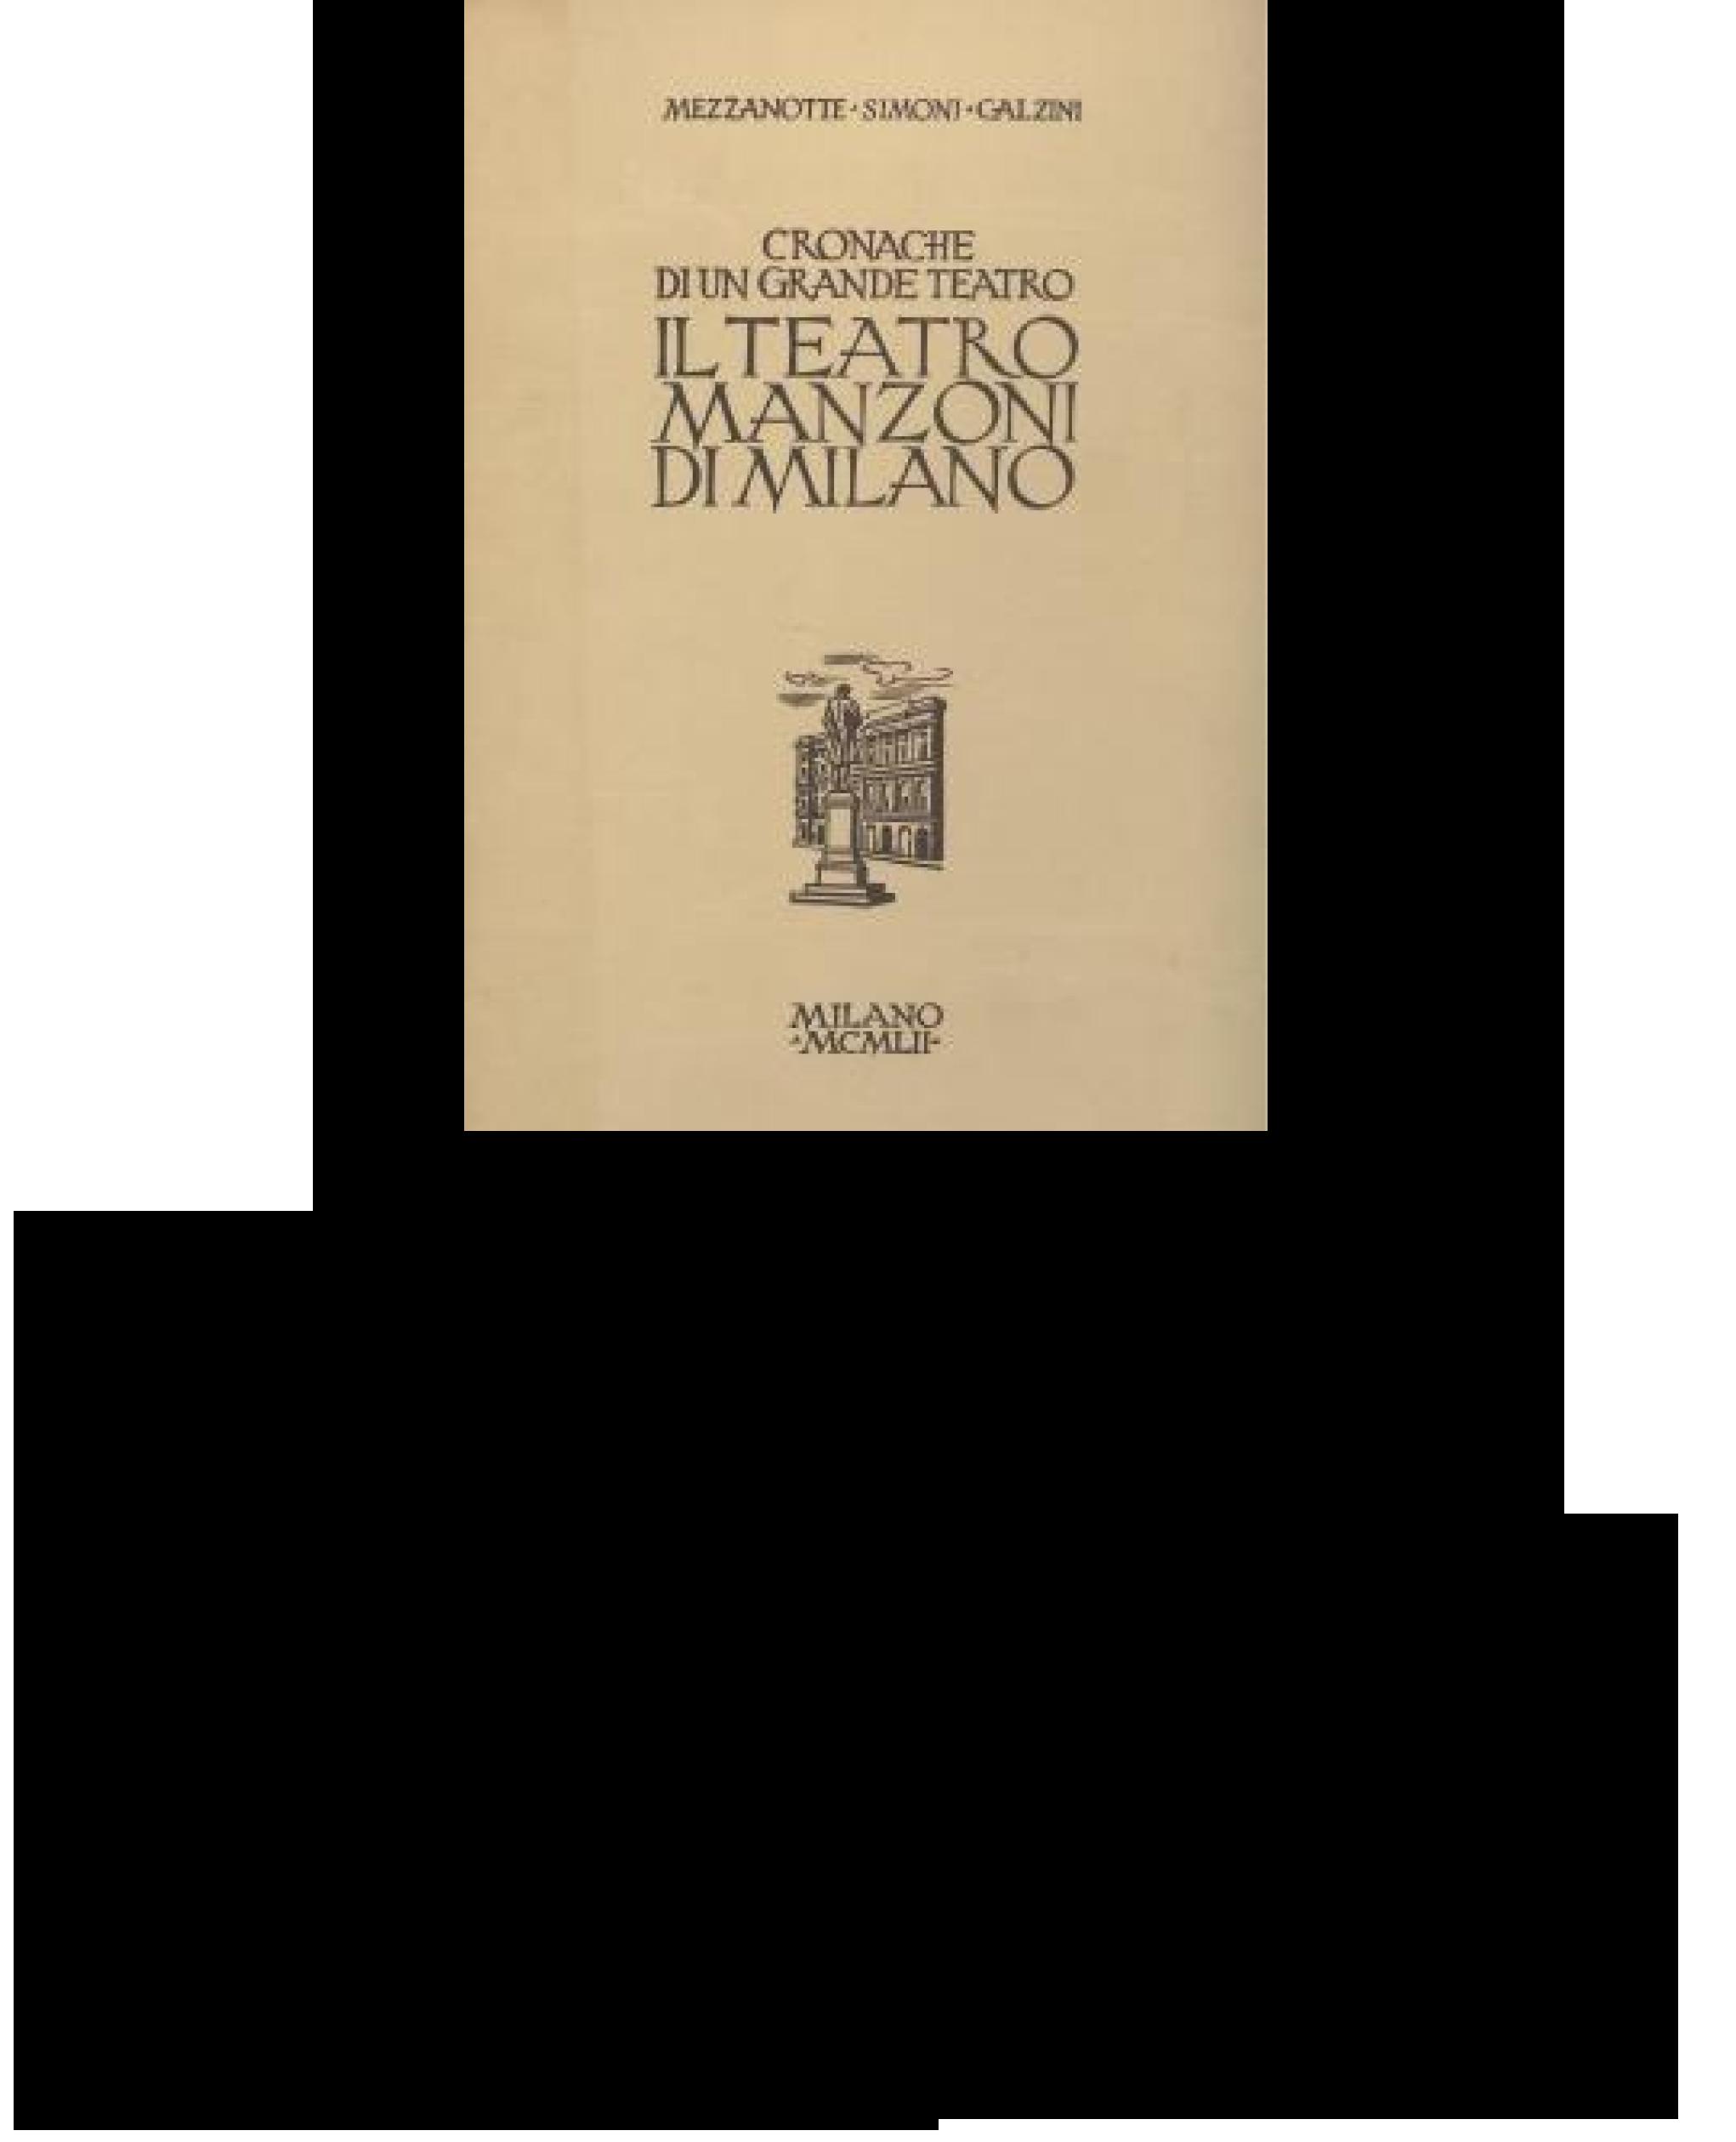 TEATRO MANZONI[13597]